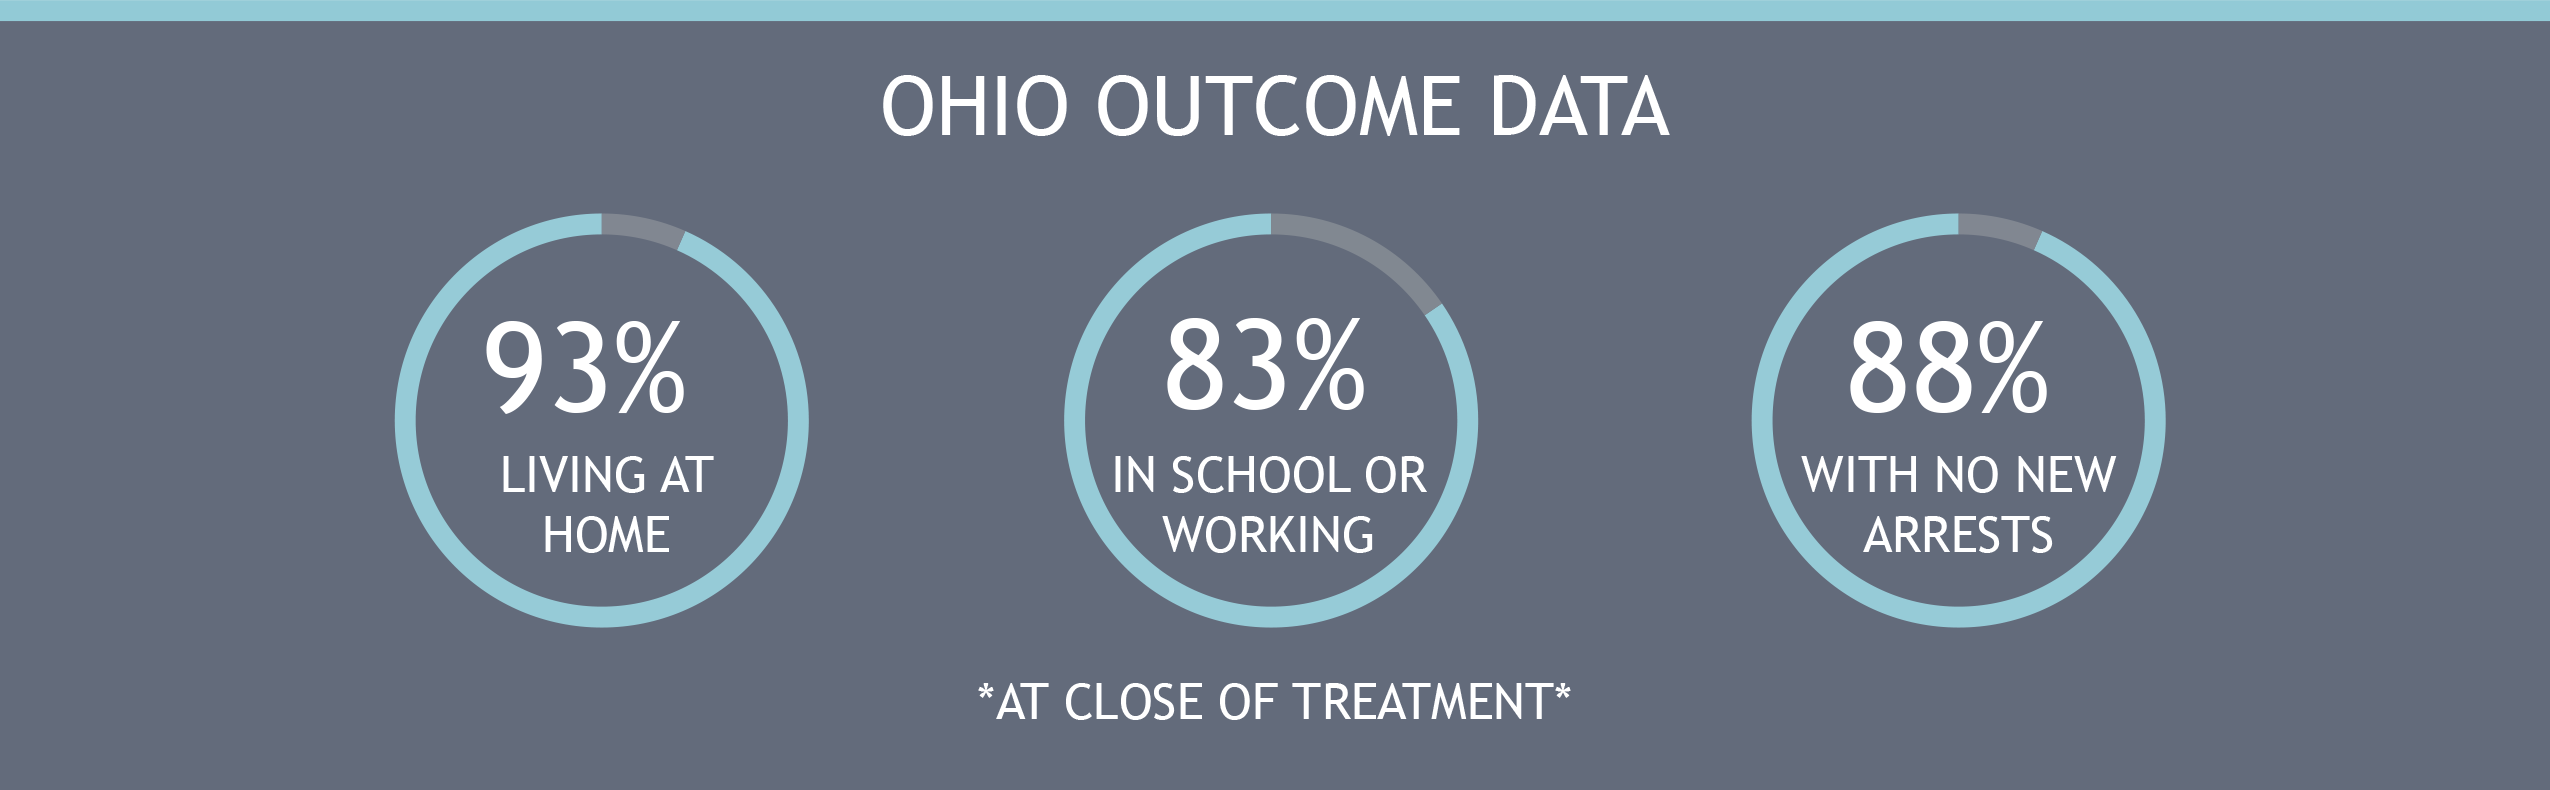 Ohio Outcome Data -1